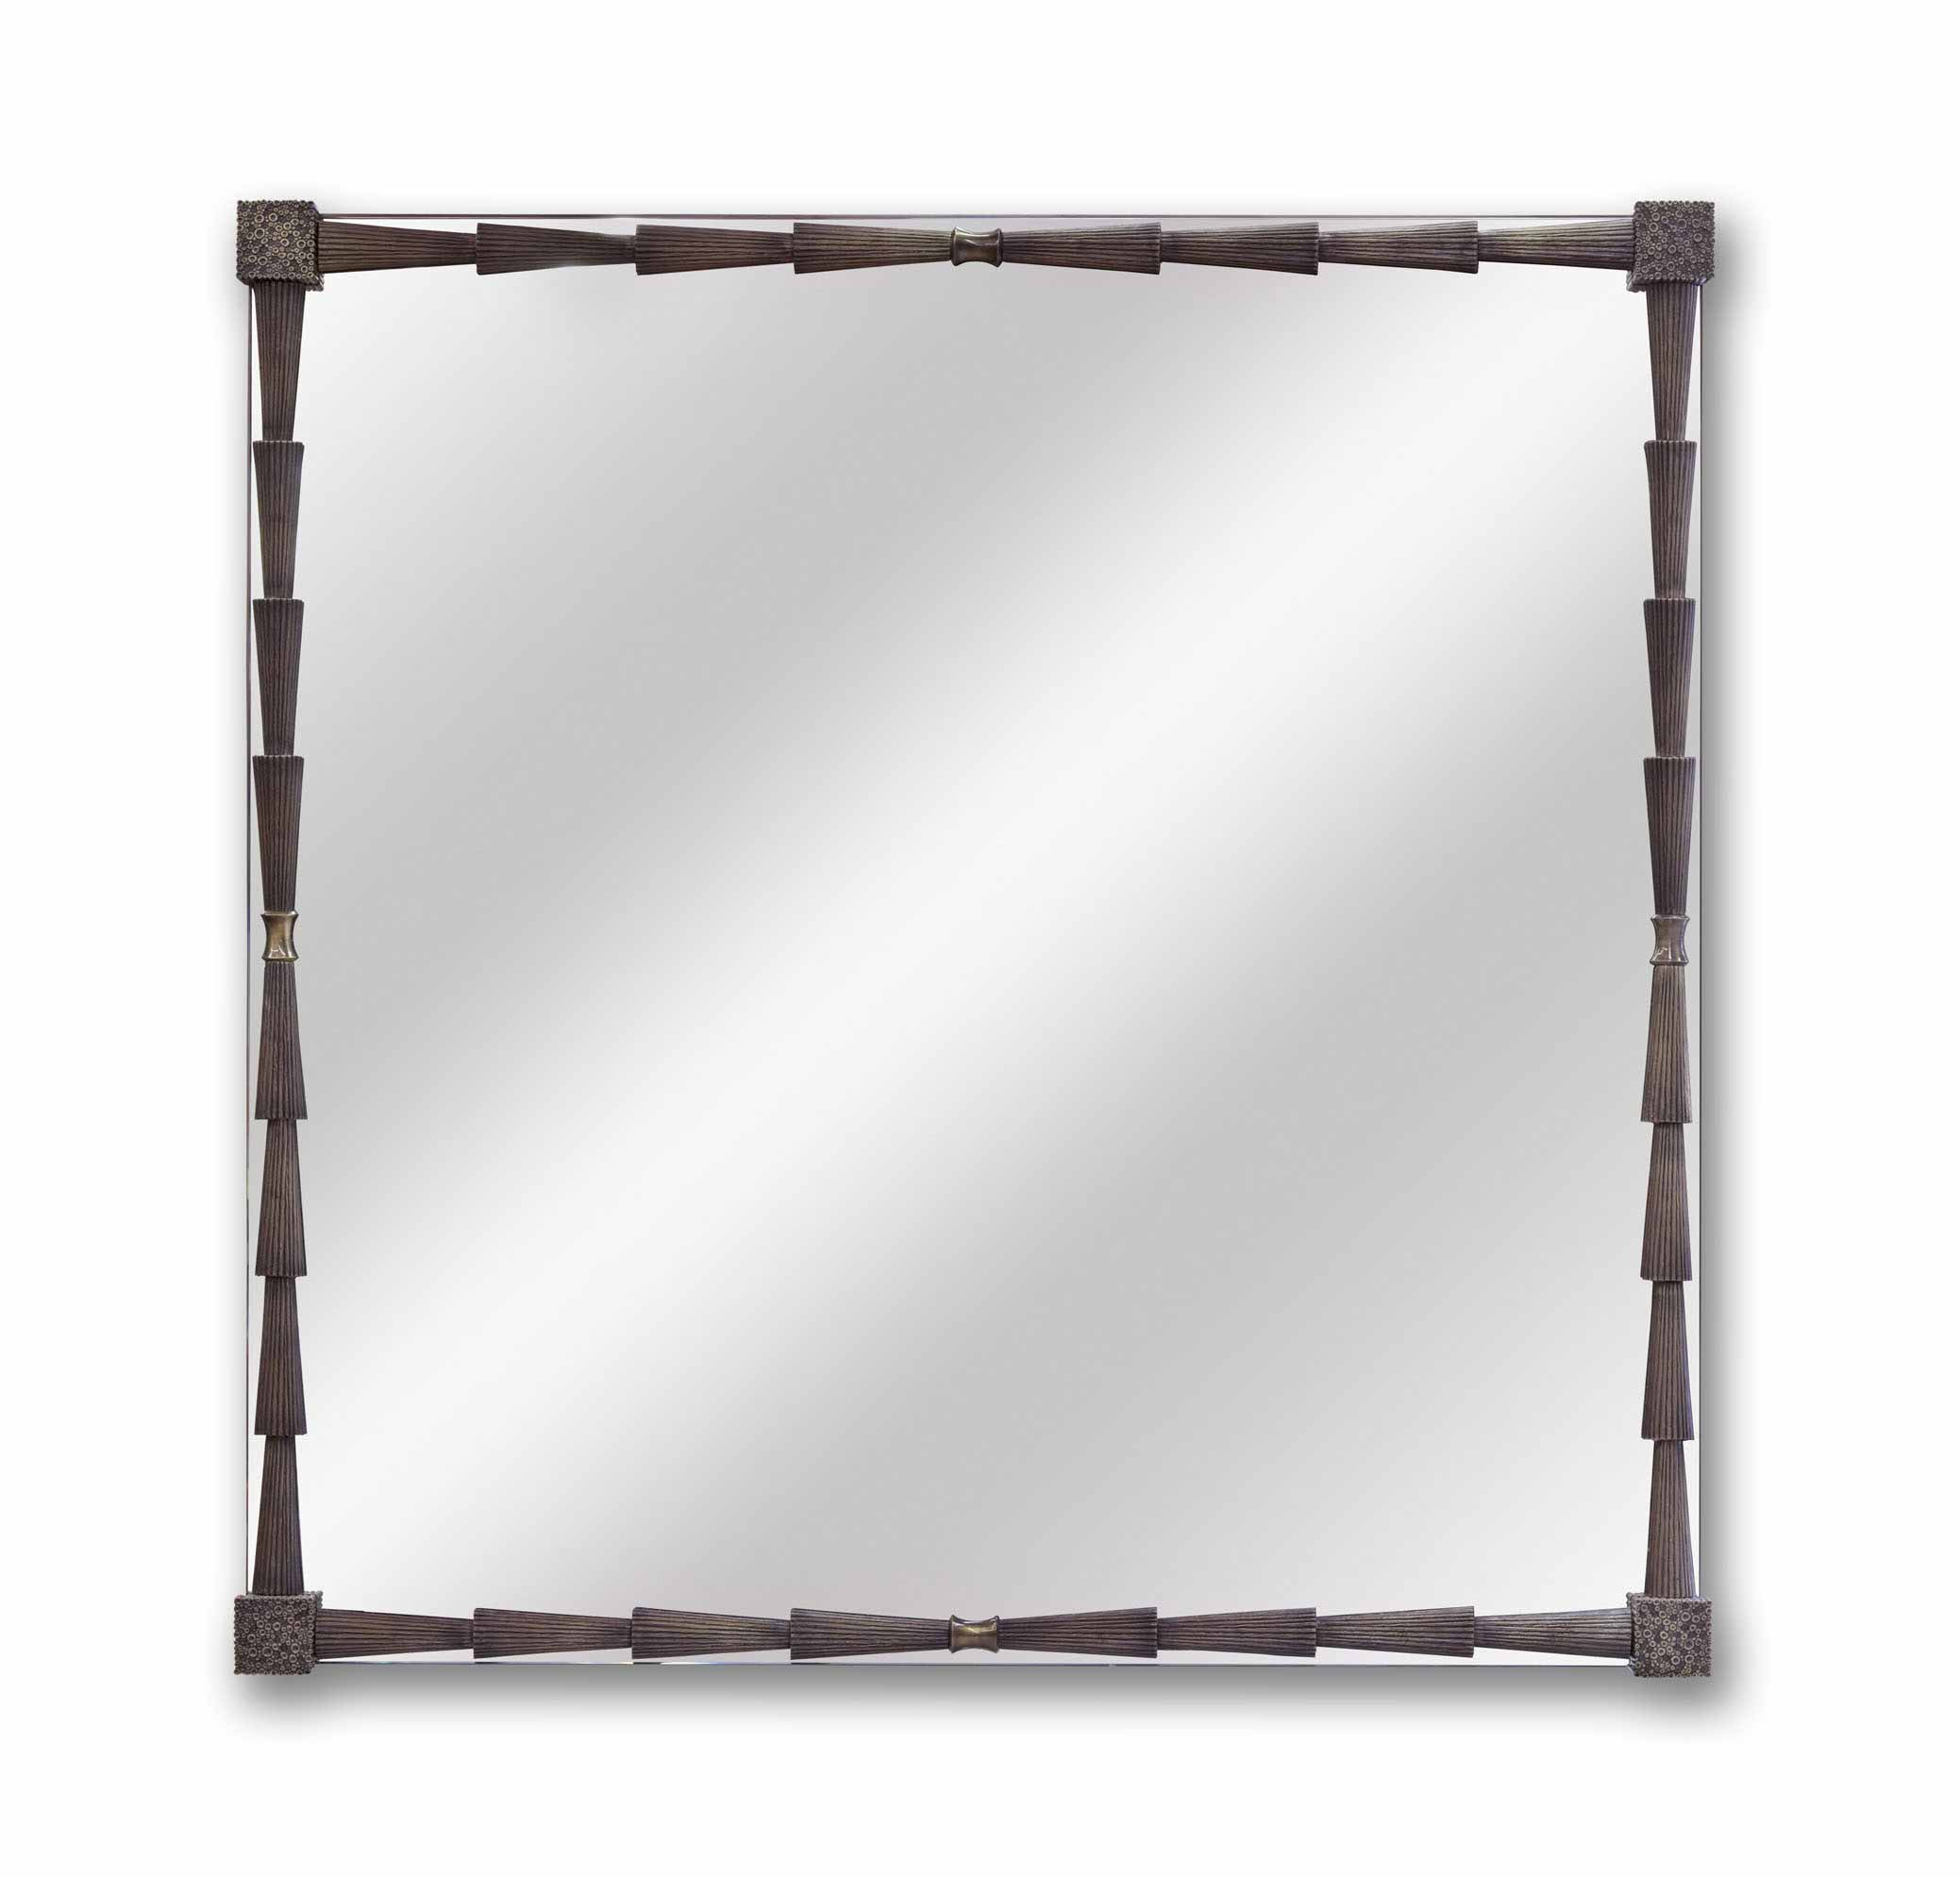 Miroirs & objets d'art